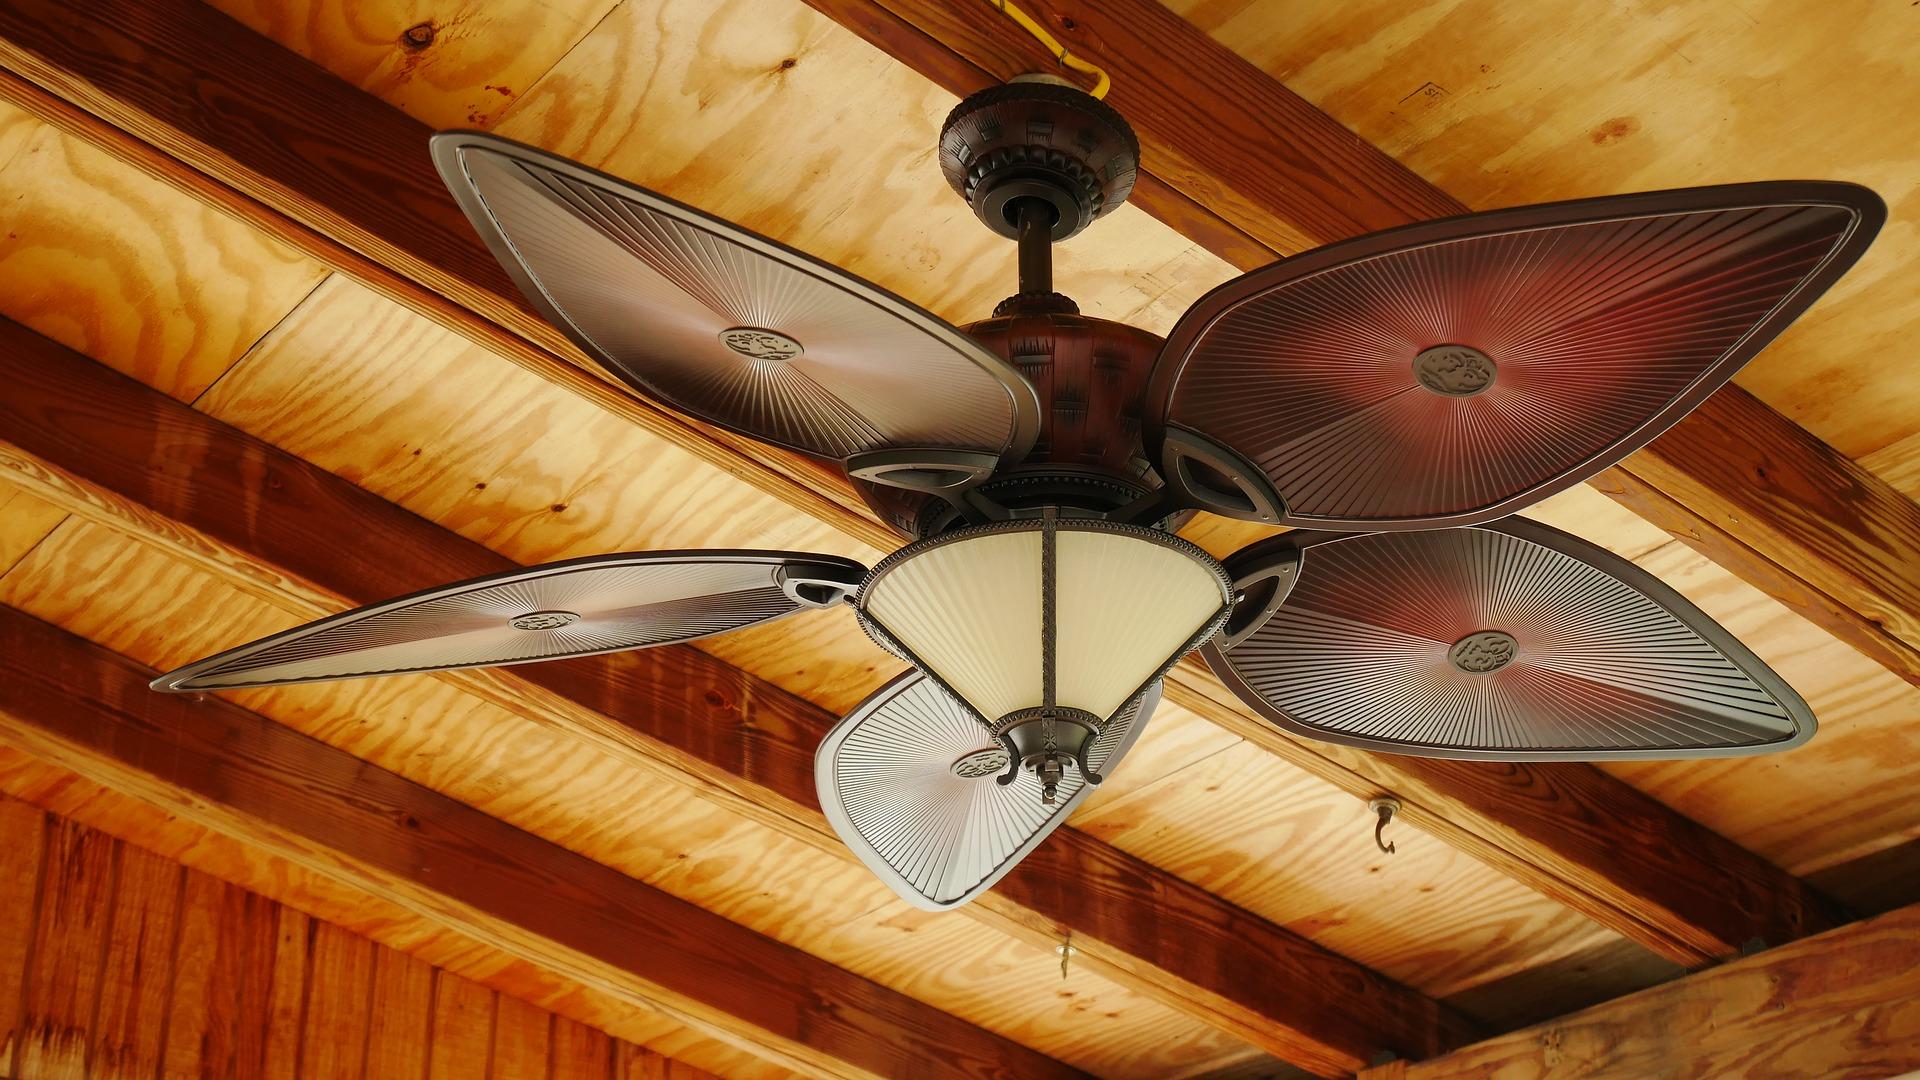 מאוורר תקרה בעיצוב ייחודי